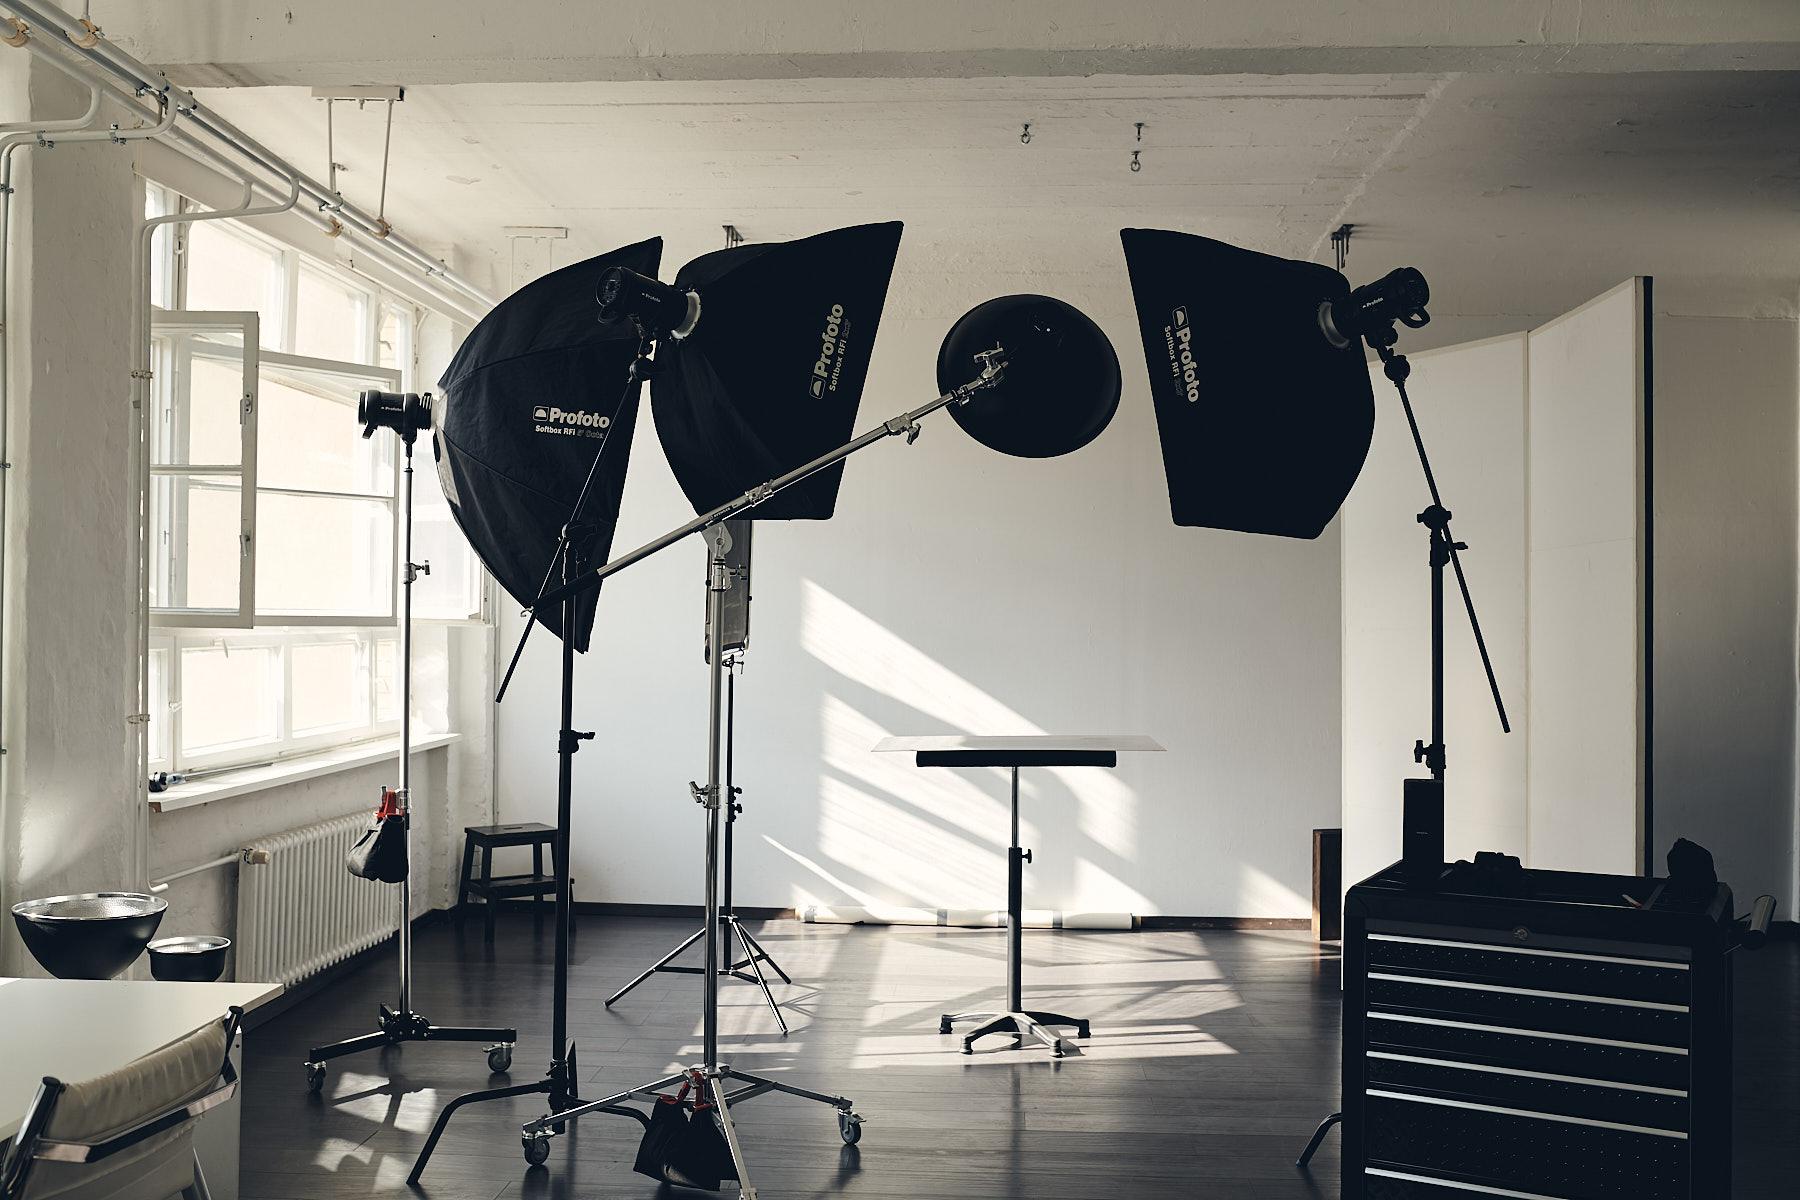 Fotostudio Mietstudio Berlin